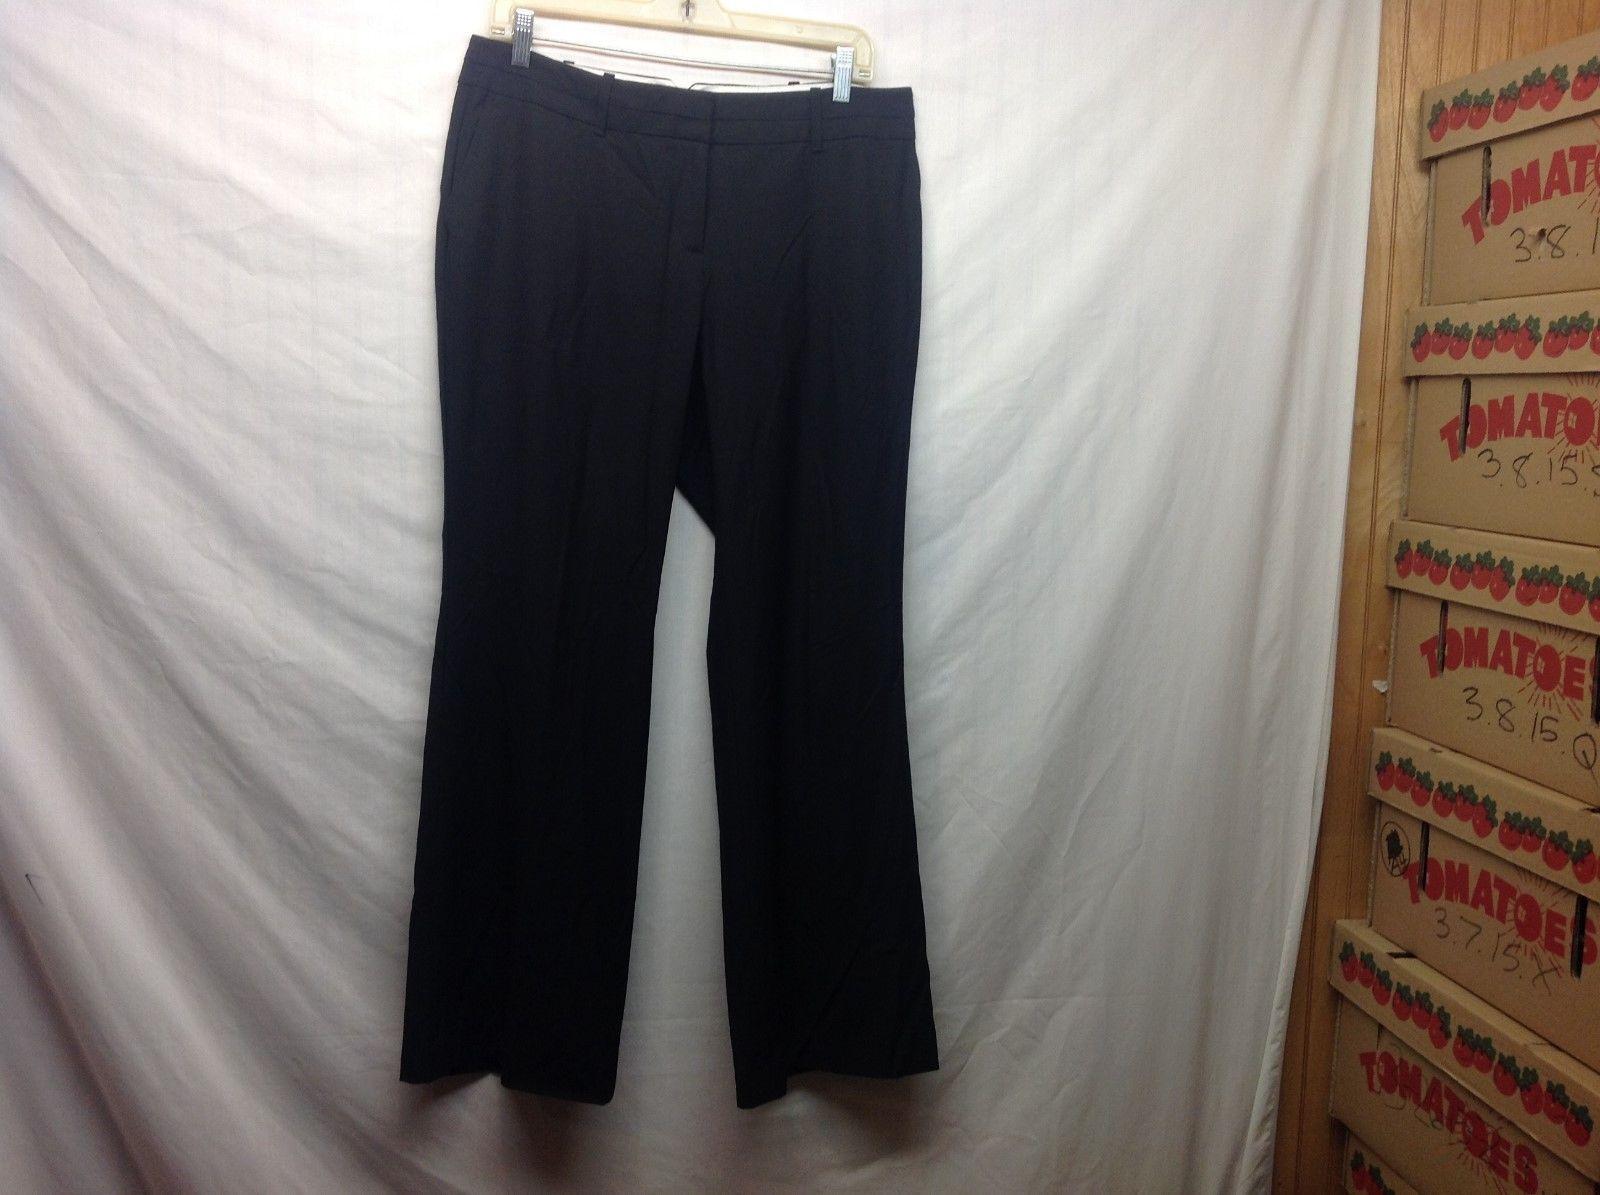 Ann Taylor LOFT Petites Julie Black Business Style Dress Pants Sz 10P